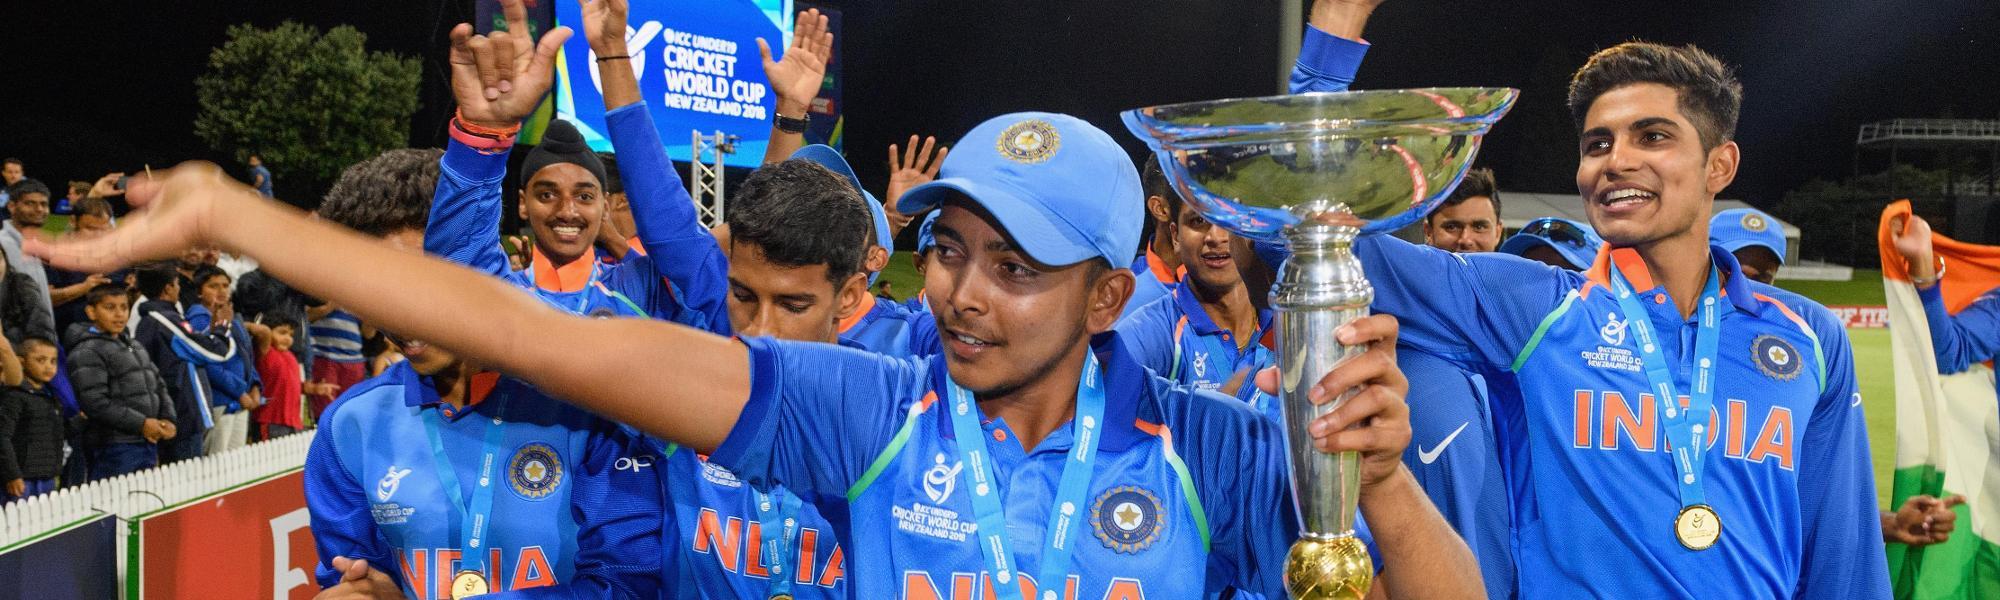 India celebrations